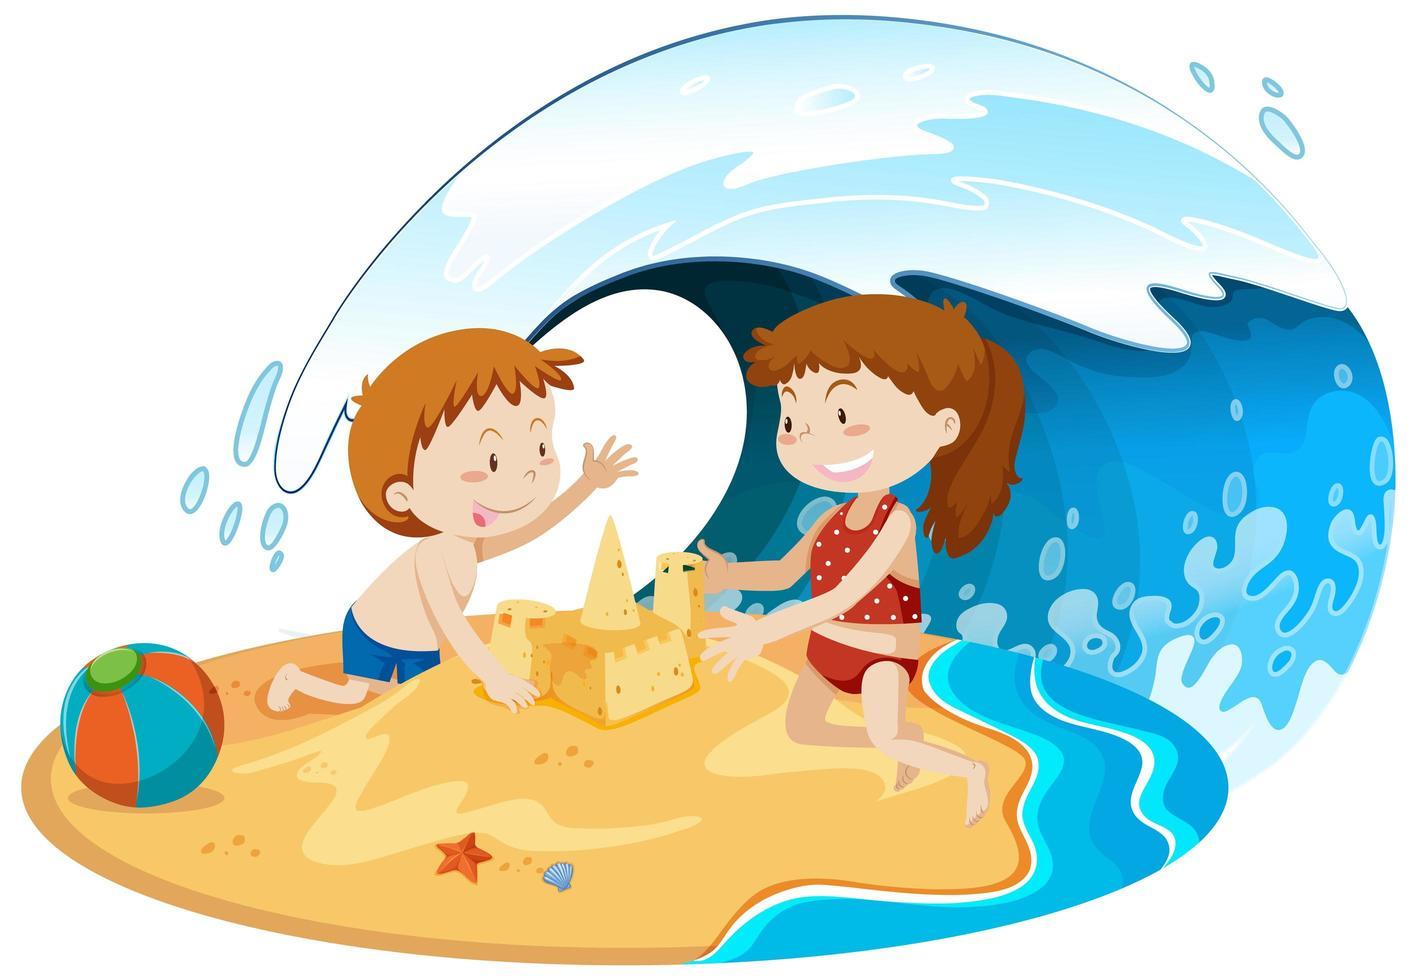 enfants sous la vague jouant sur la plage vecteur